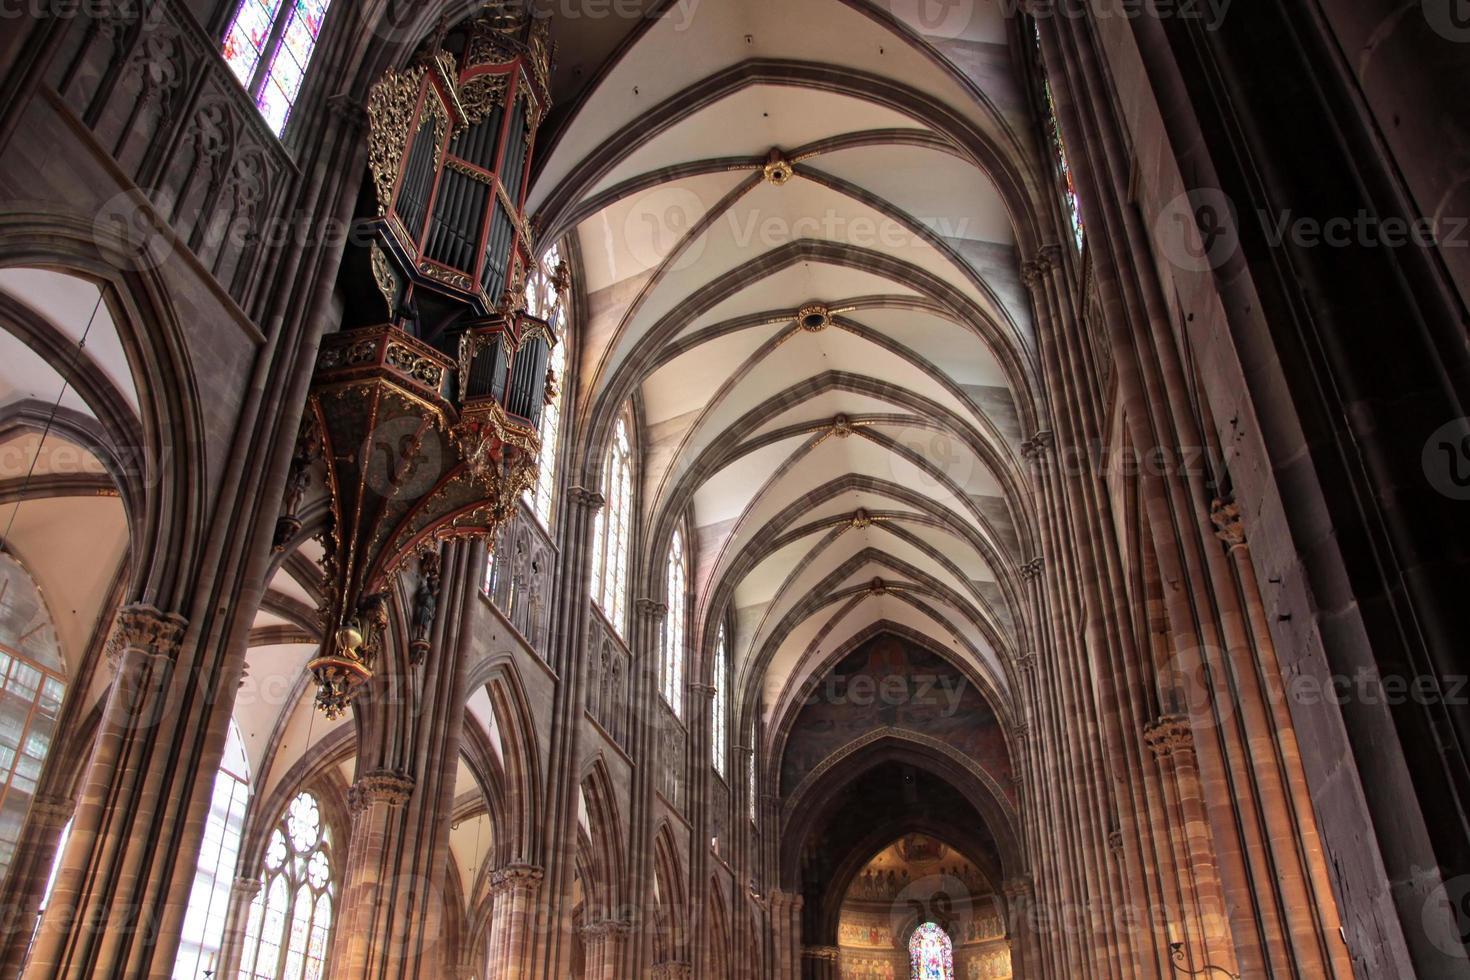 nave de la catedral de estrasburgo foto